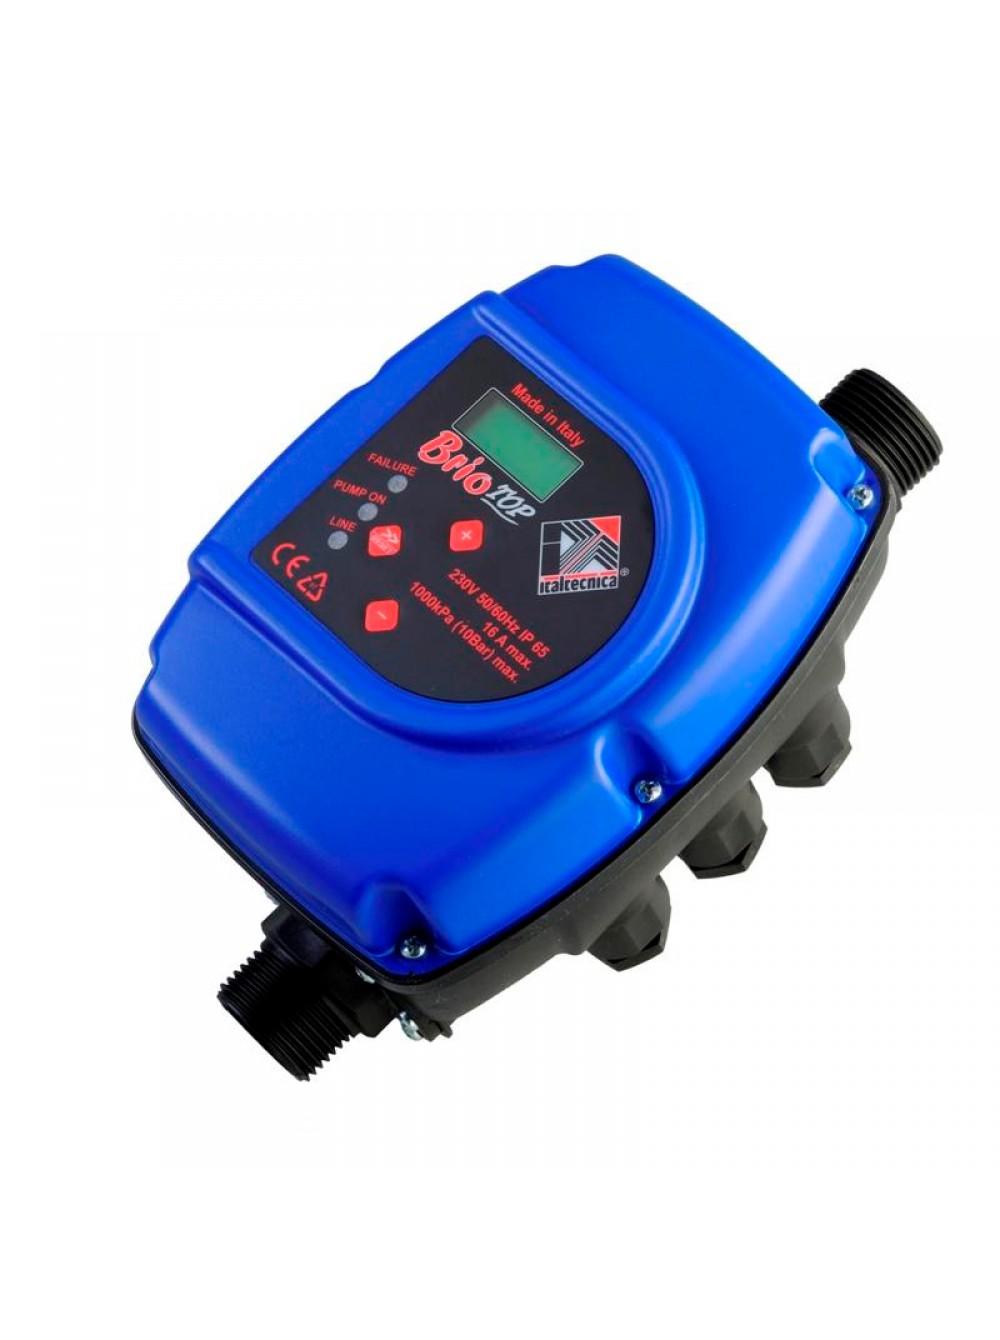 Электронный регулятор давления BRIO-TOP  Italtecnica цена